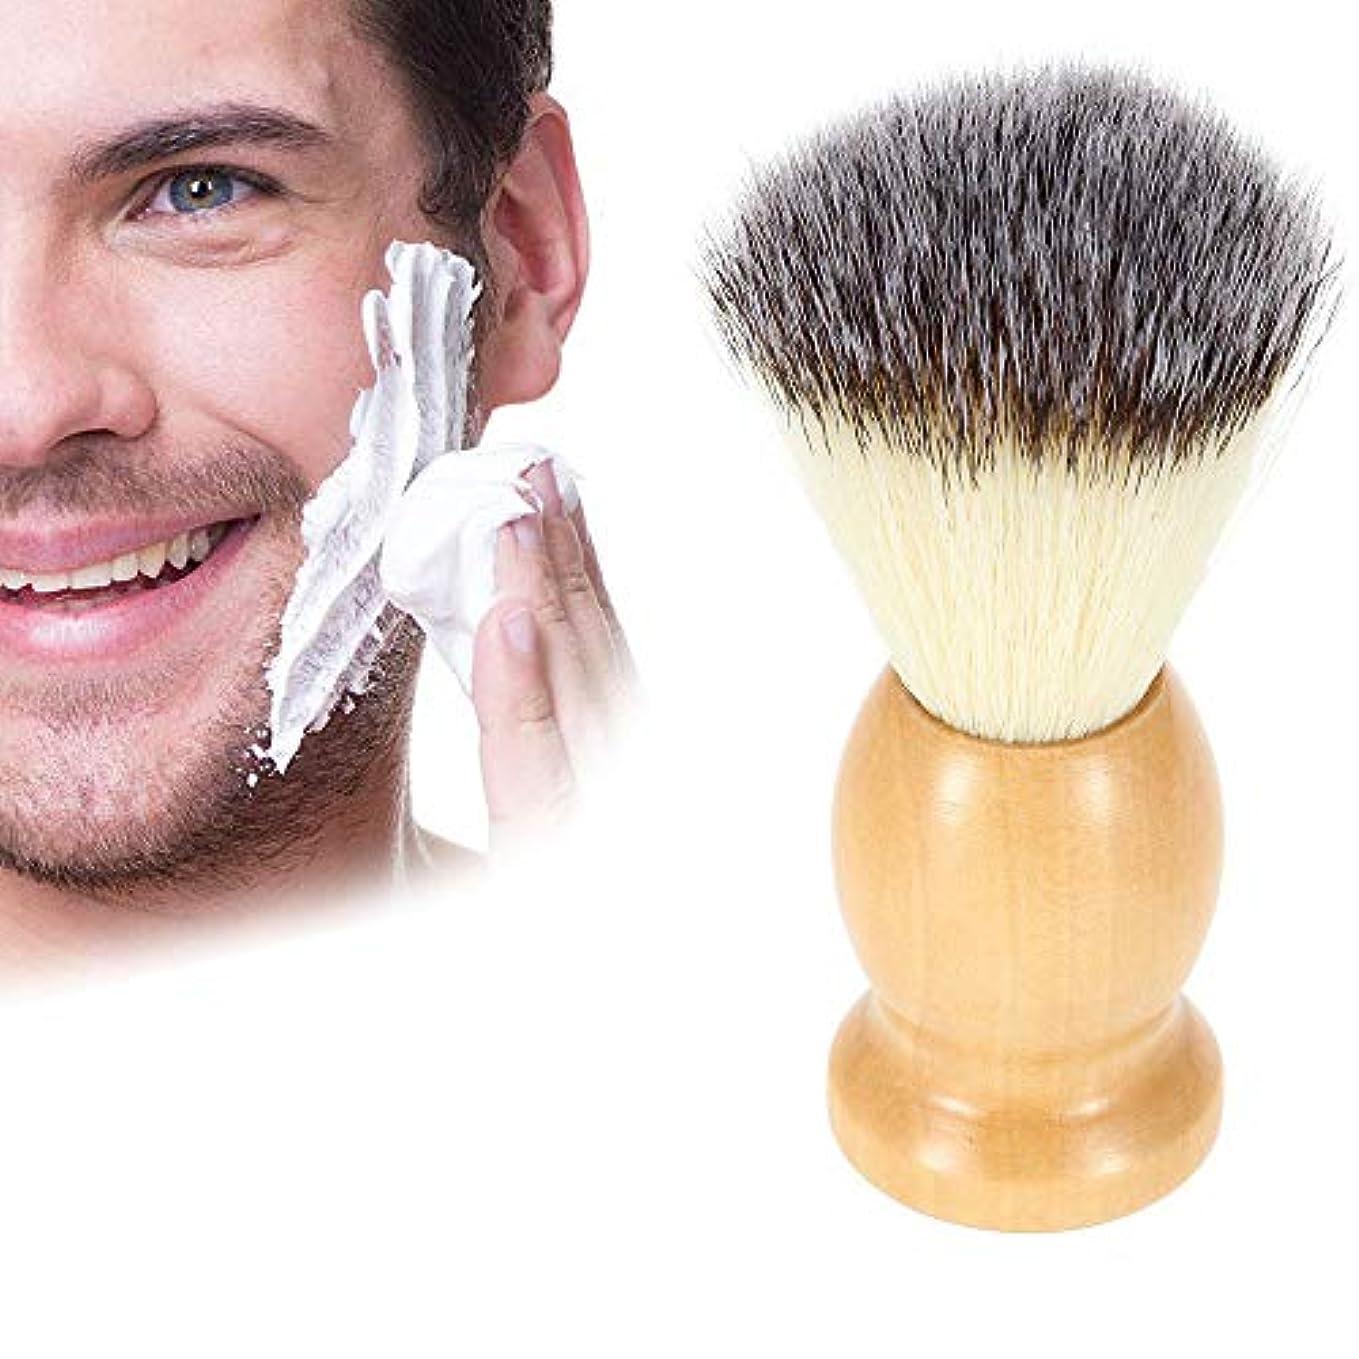 供給船上尊厳Butokal ナイロンひげブラシ メンズ用ブラシ 木製ハンドルシェービングブラシ 泡立ち ひげブラシ 理容 洗顔 髭剃り ご主人 ボーイフレンド 友人 にプレゼント シェービング用アクセサリー